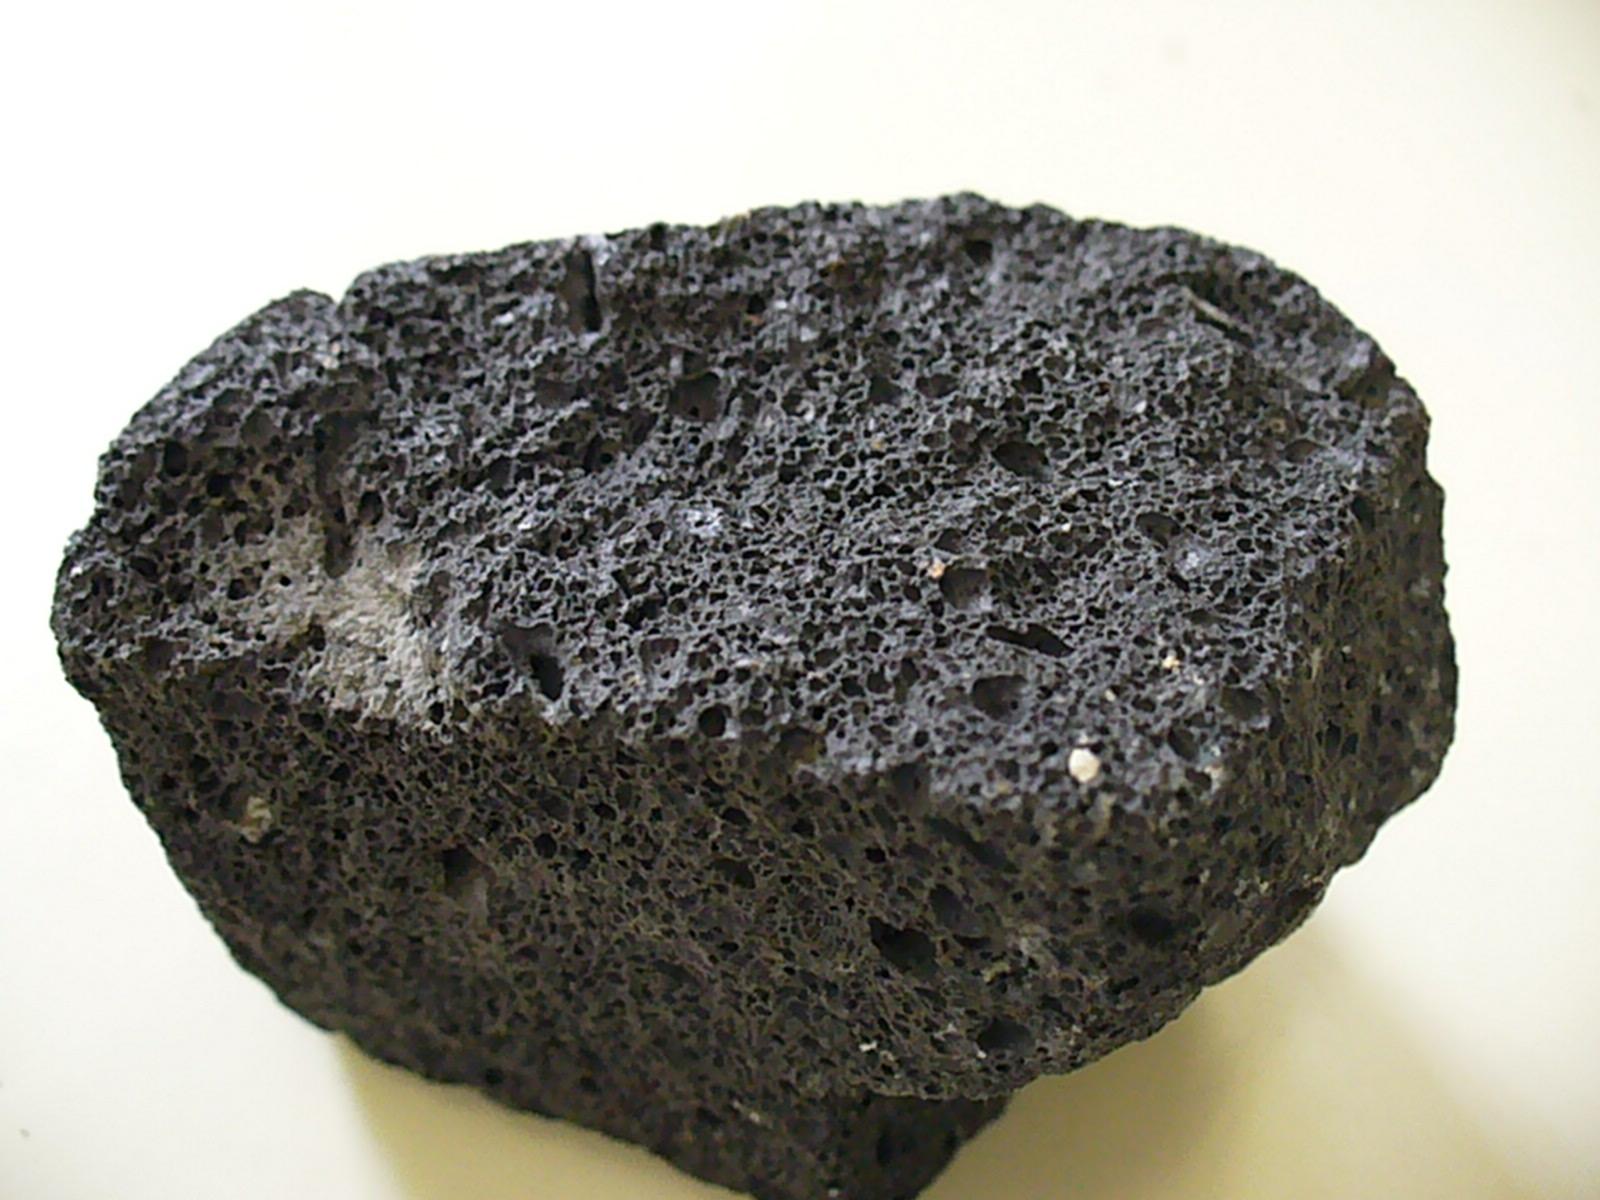 Proyecto biosfera for De donde es la roca